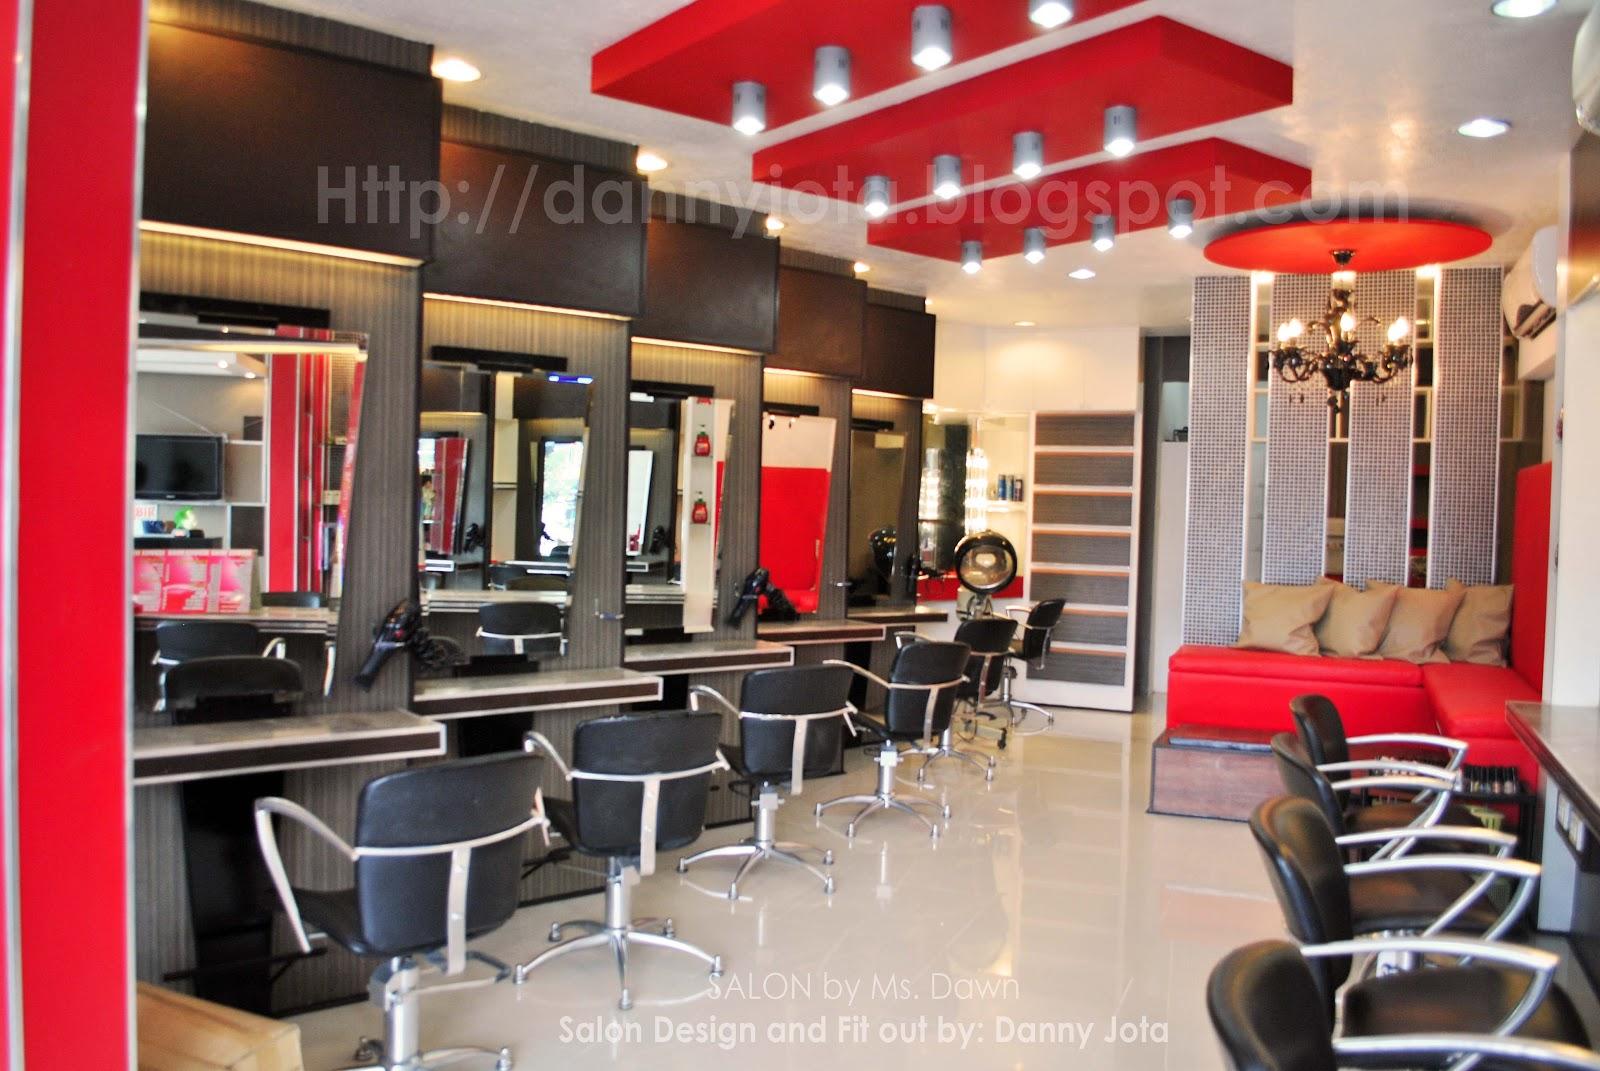 Danny torres jota djota designtech new salon design and - How to design a salon ...